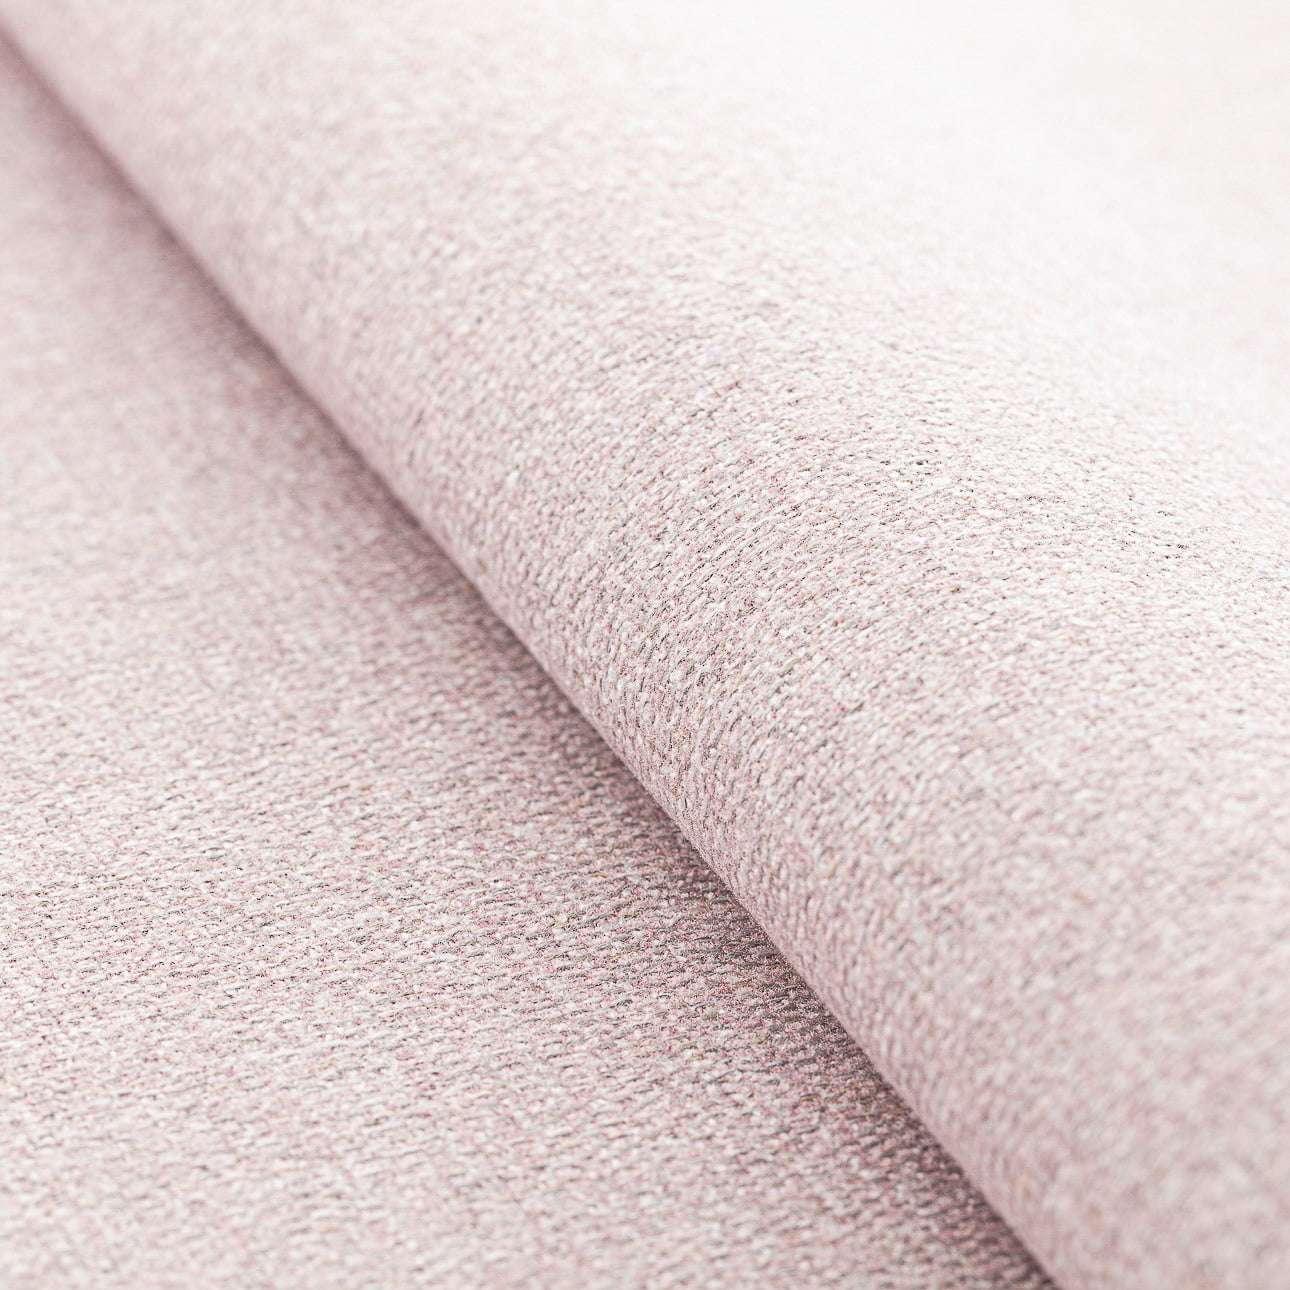 Pokrowiec na worek do siedzenia w kolekcji Amsterdam, tkanina: 704-51